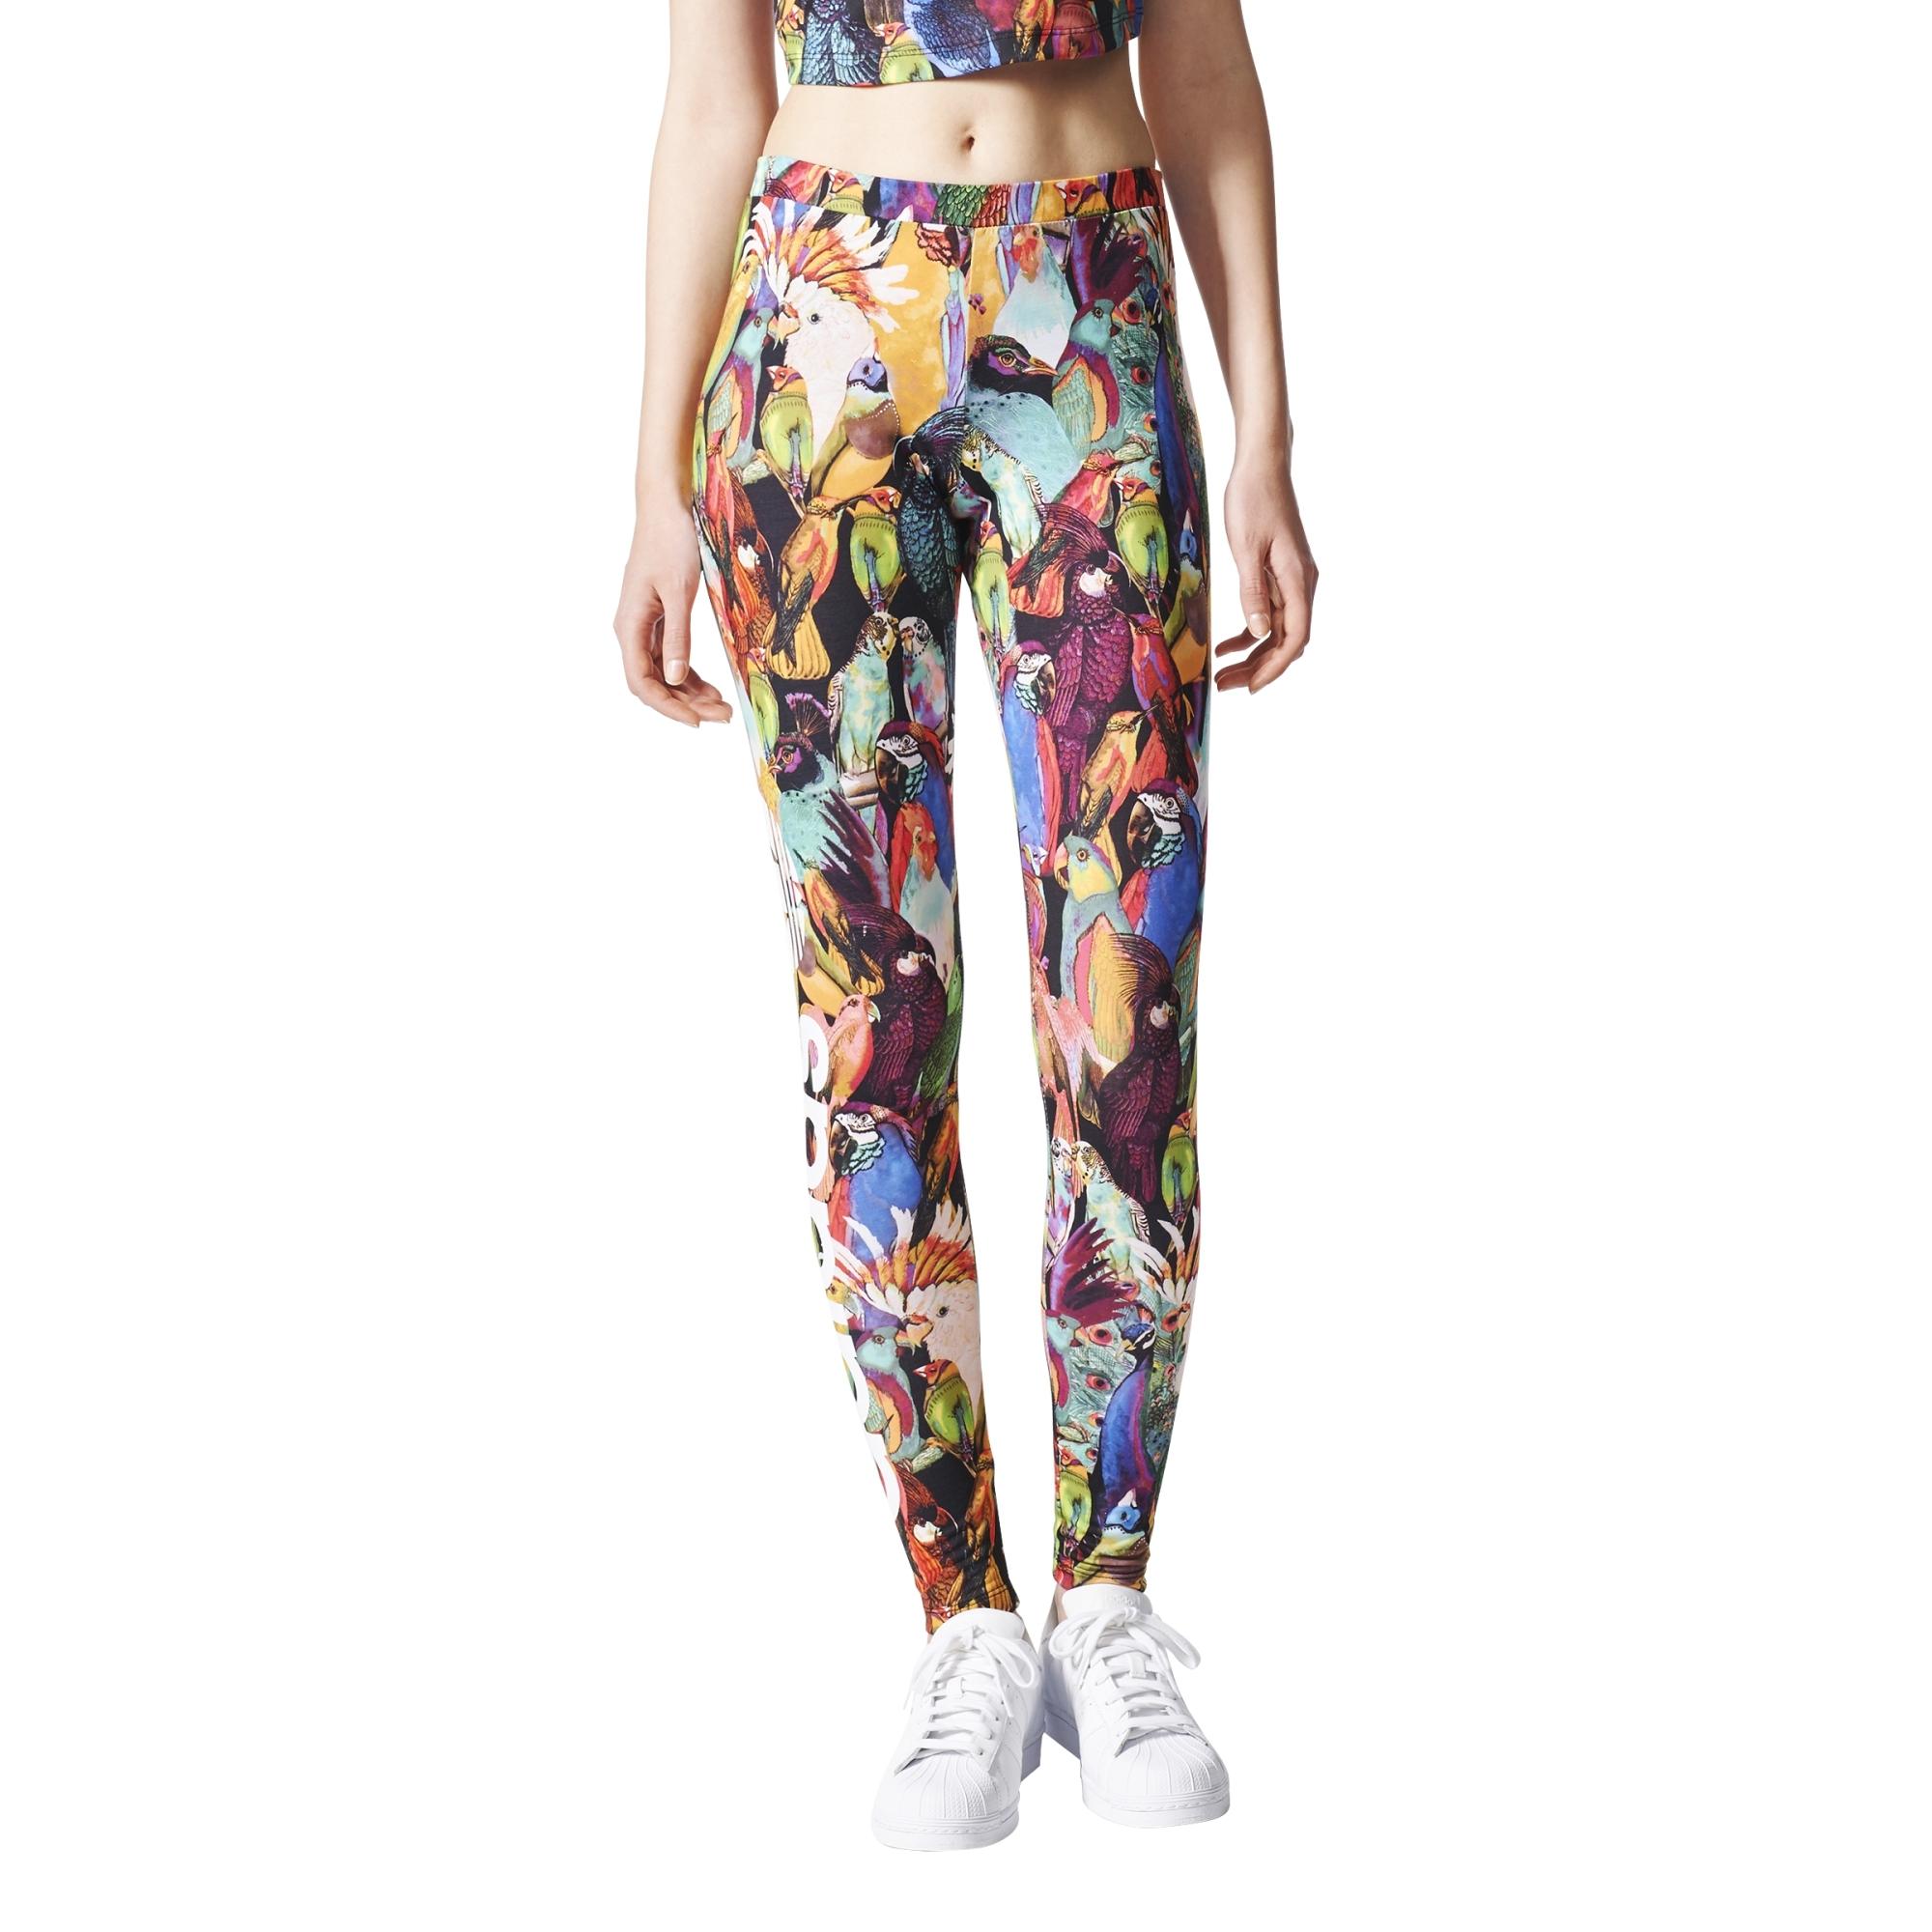 Adidas Originals Passaredo Leggings (multicolor) 987825e3ec7